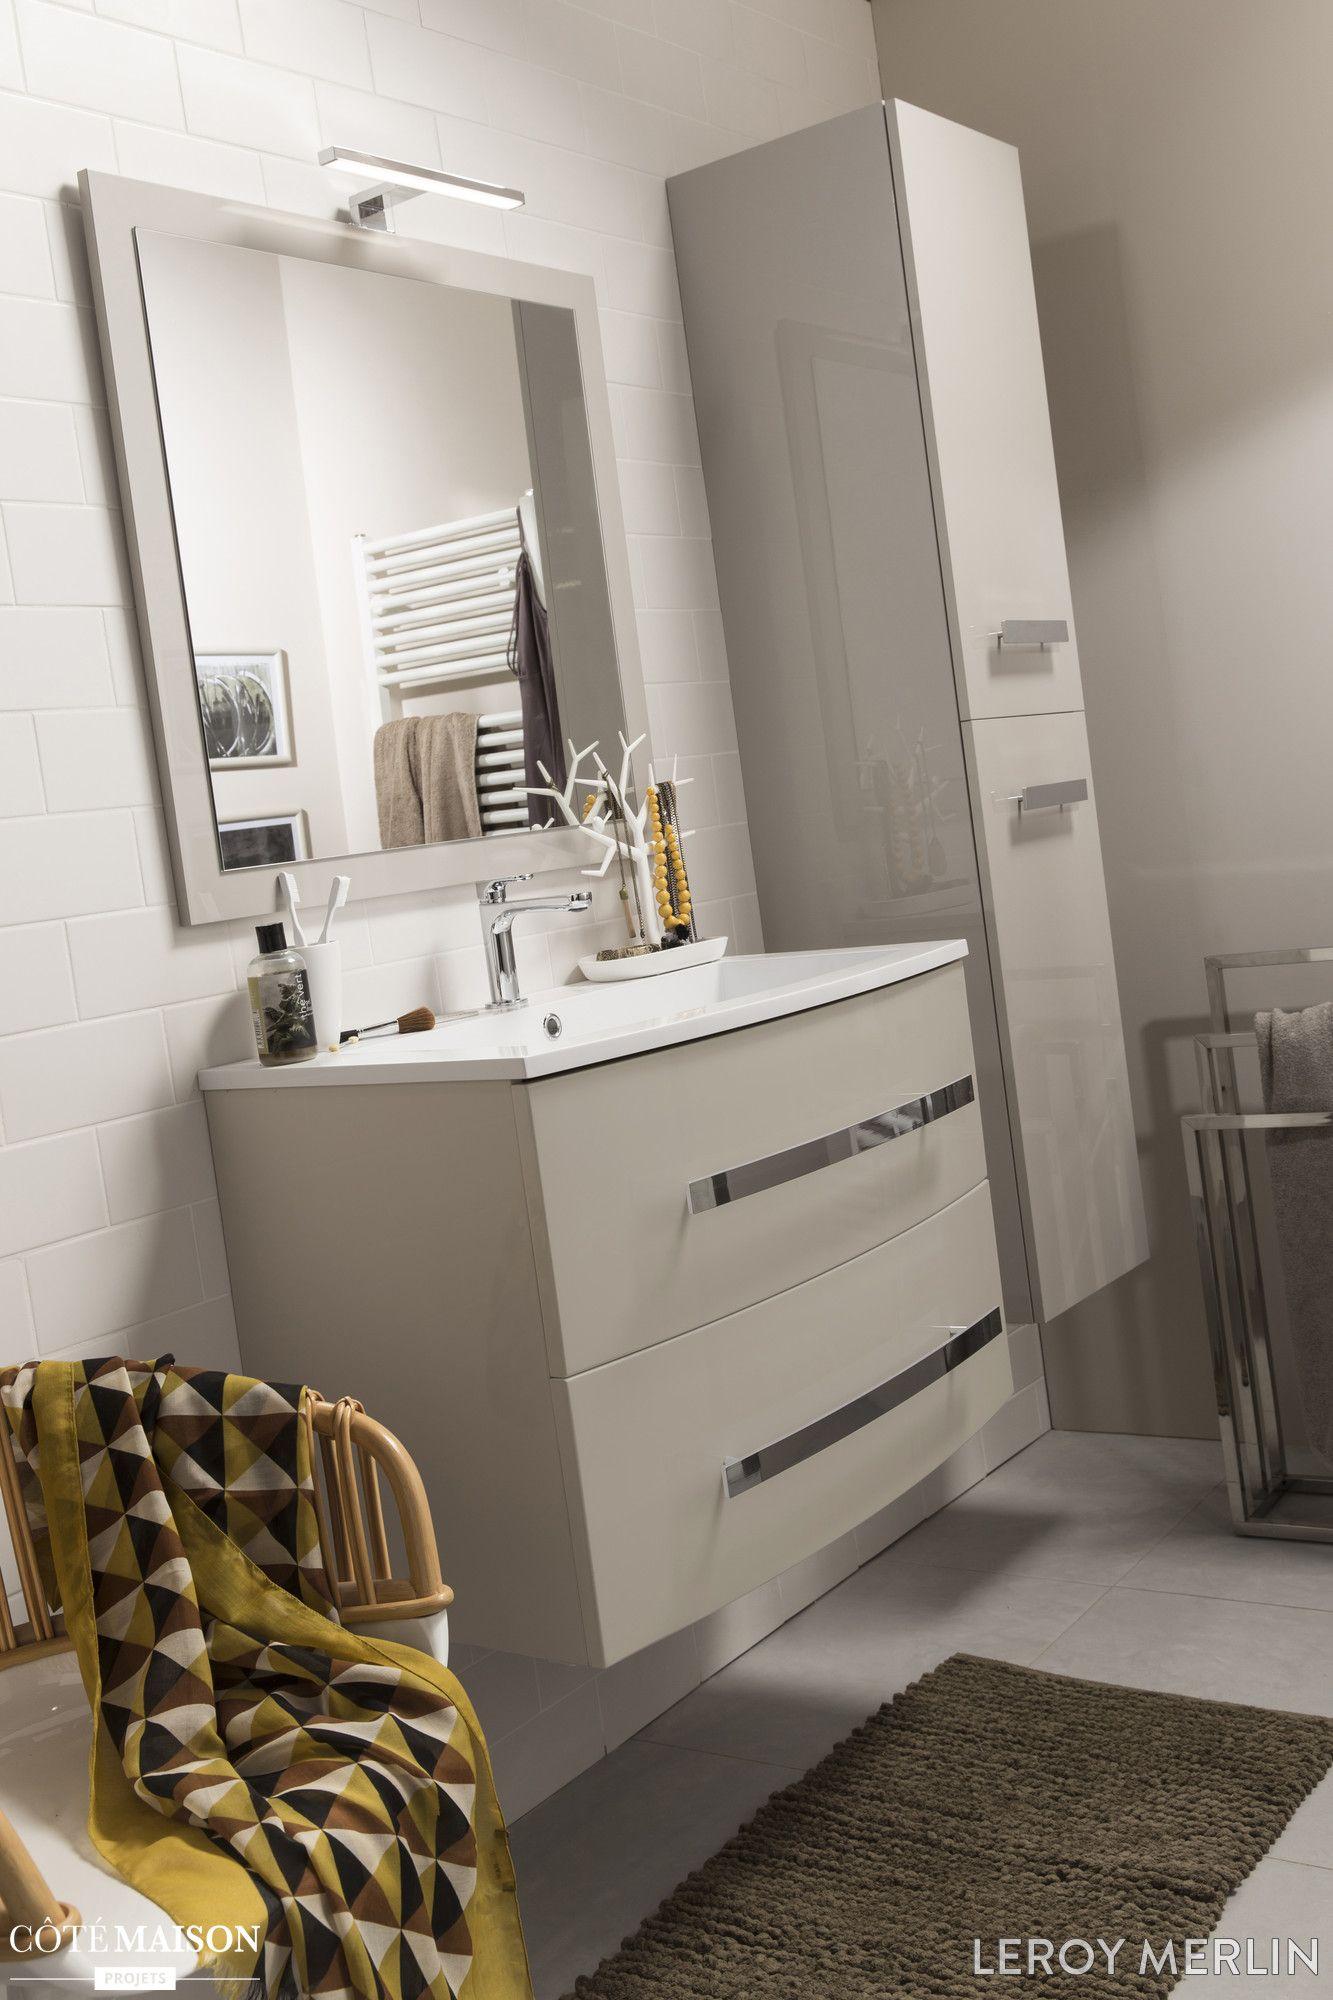 Petites Salles De Bains Leroy Merlin Cote Maison Renovation Maison Petite Salle De Bain Meuble Simple